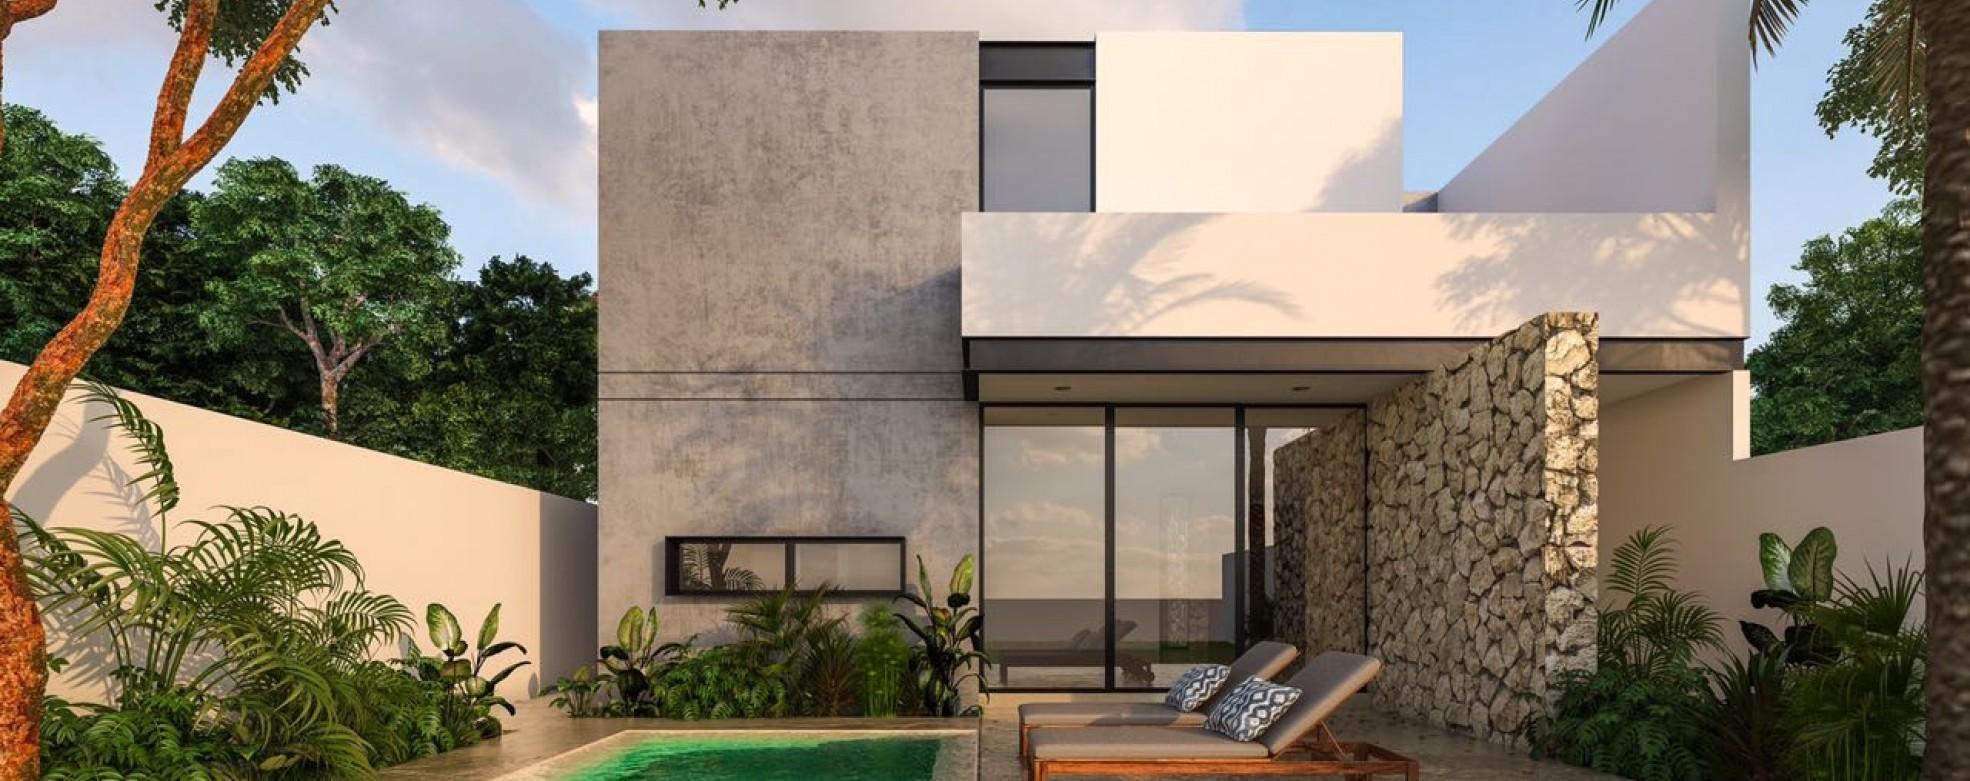 HOUSE TEMOZON NORTH MERIDA MEXICO | Yucatan Real Estate | We